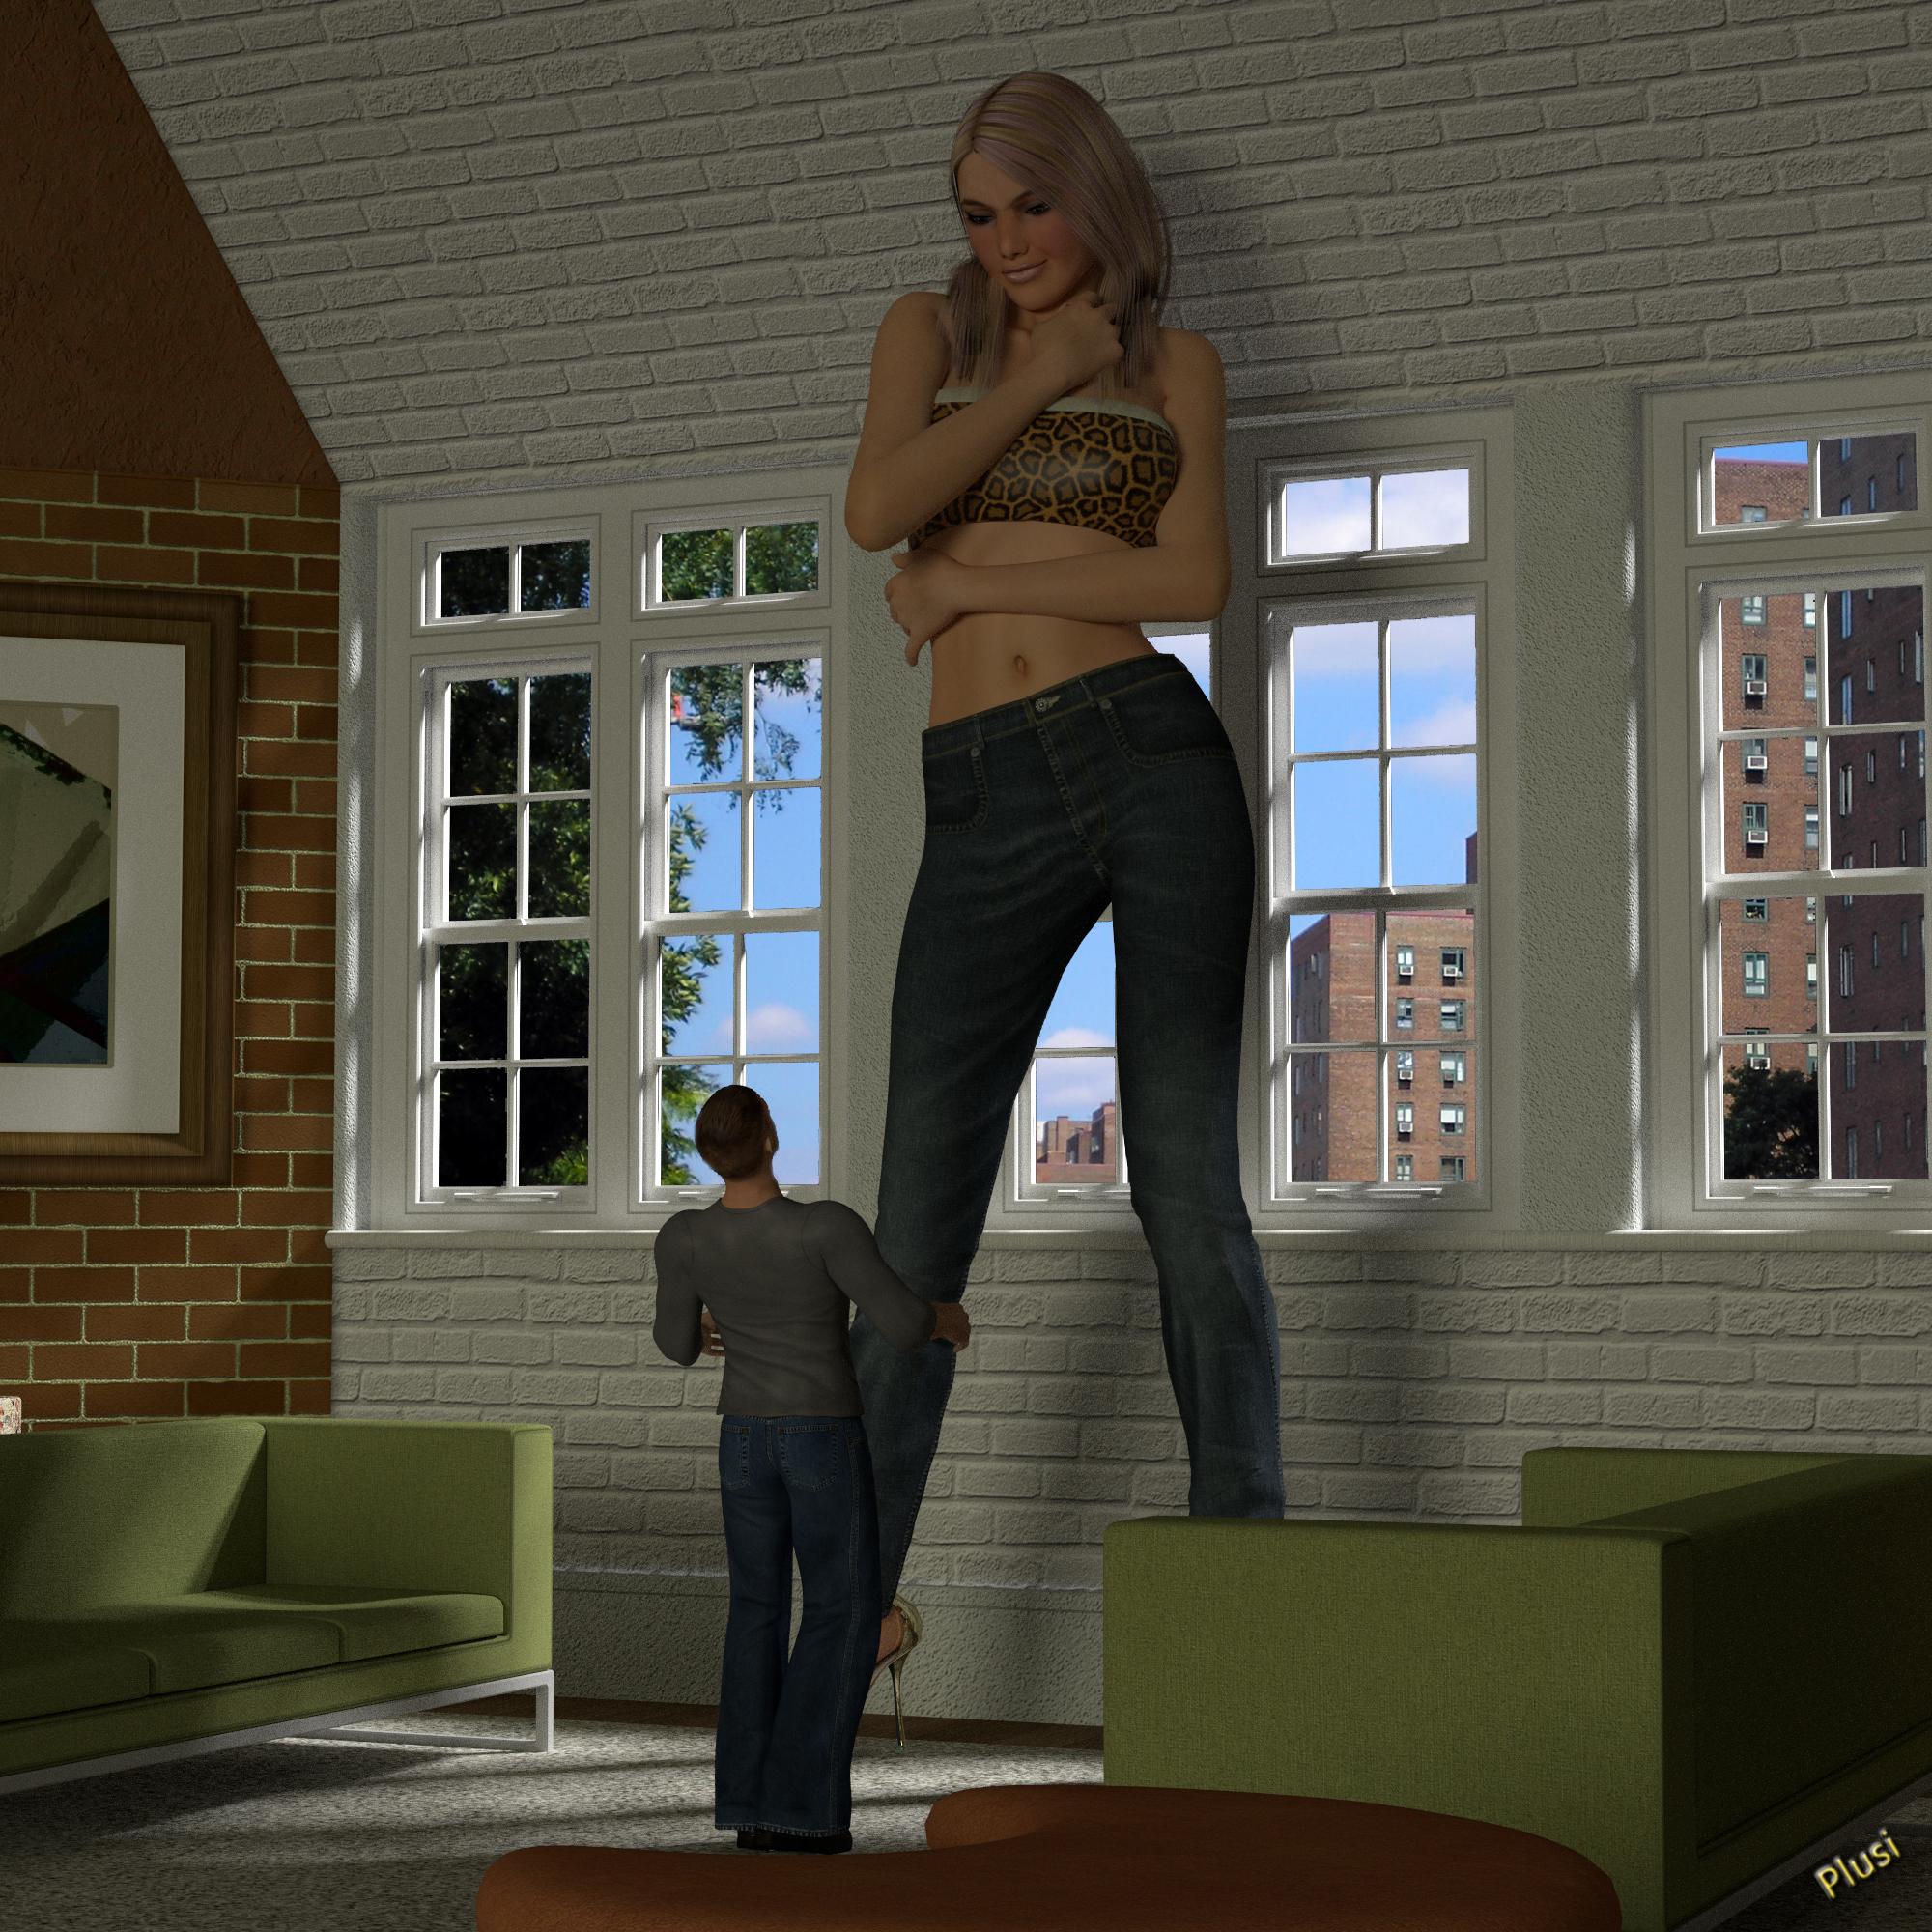 Gentle giantess stories nude toons